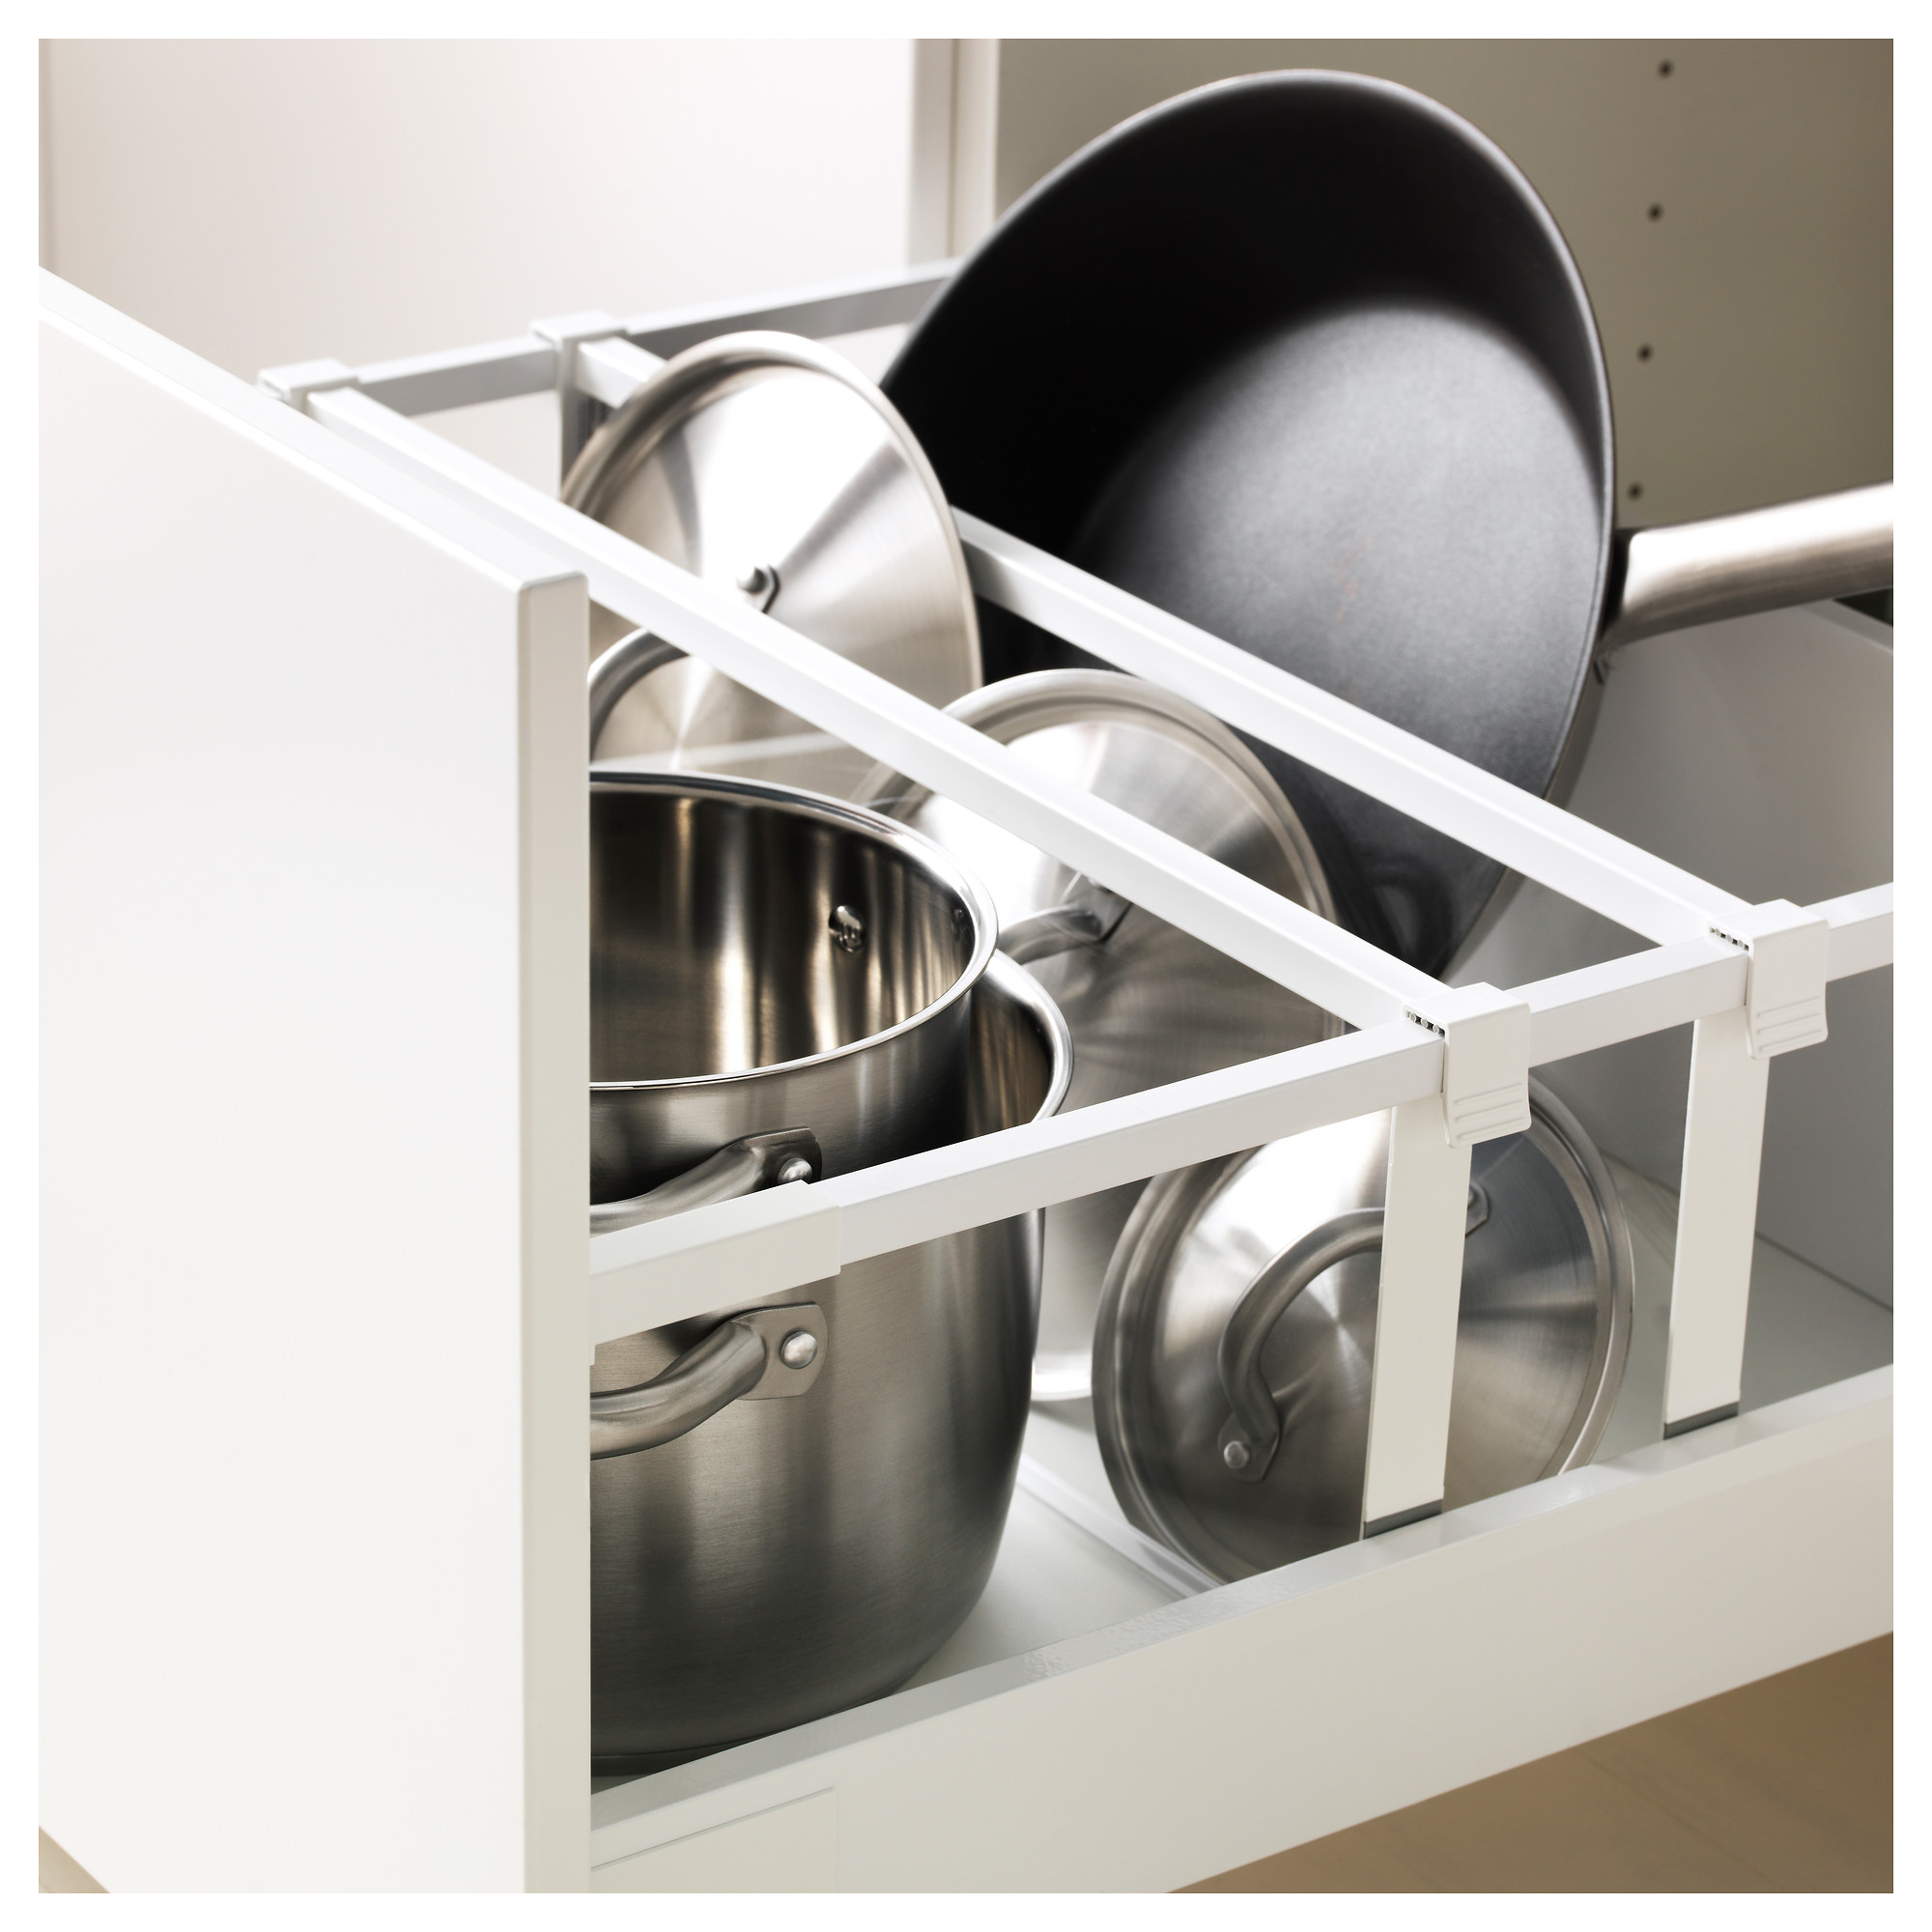 Высокий шкаф для холодильника, с дверцами, 3 ящика МЕТОД / МАКСИМЕРА белый артикуль № 992.330.86 в наличии. Интернет магазин IKEA РБ. Недорогая доставка и соборка.